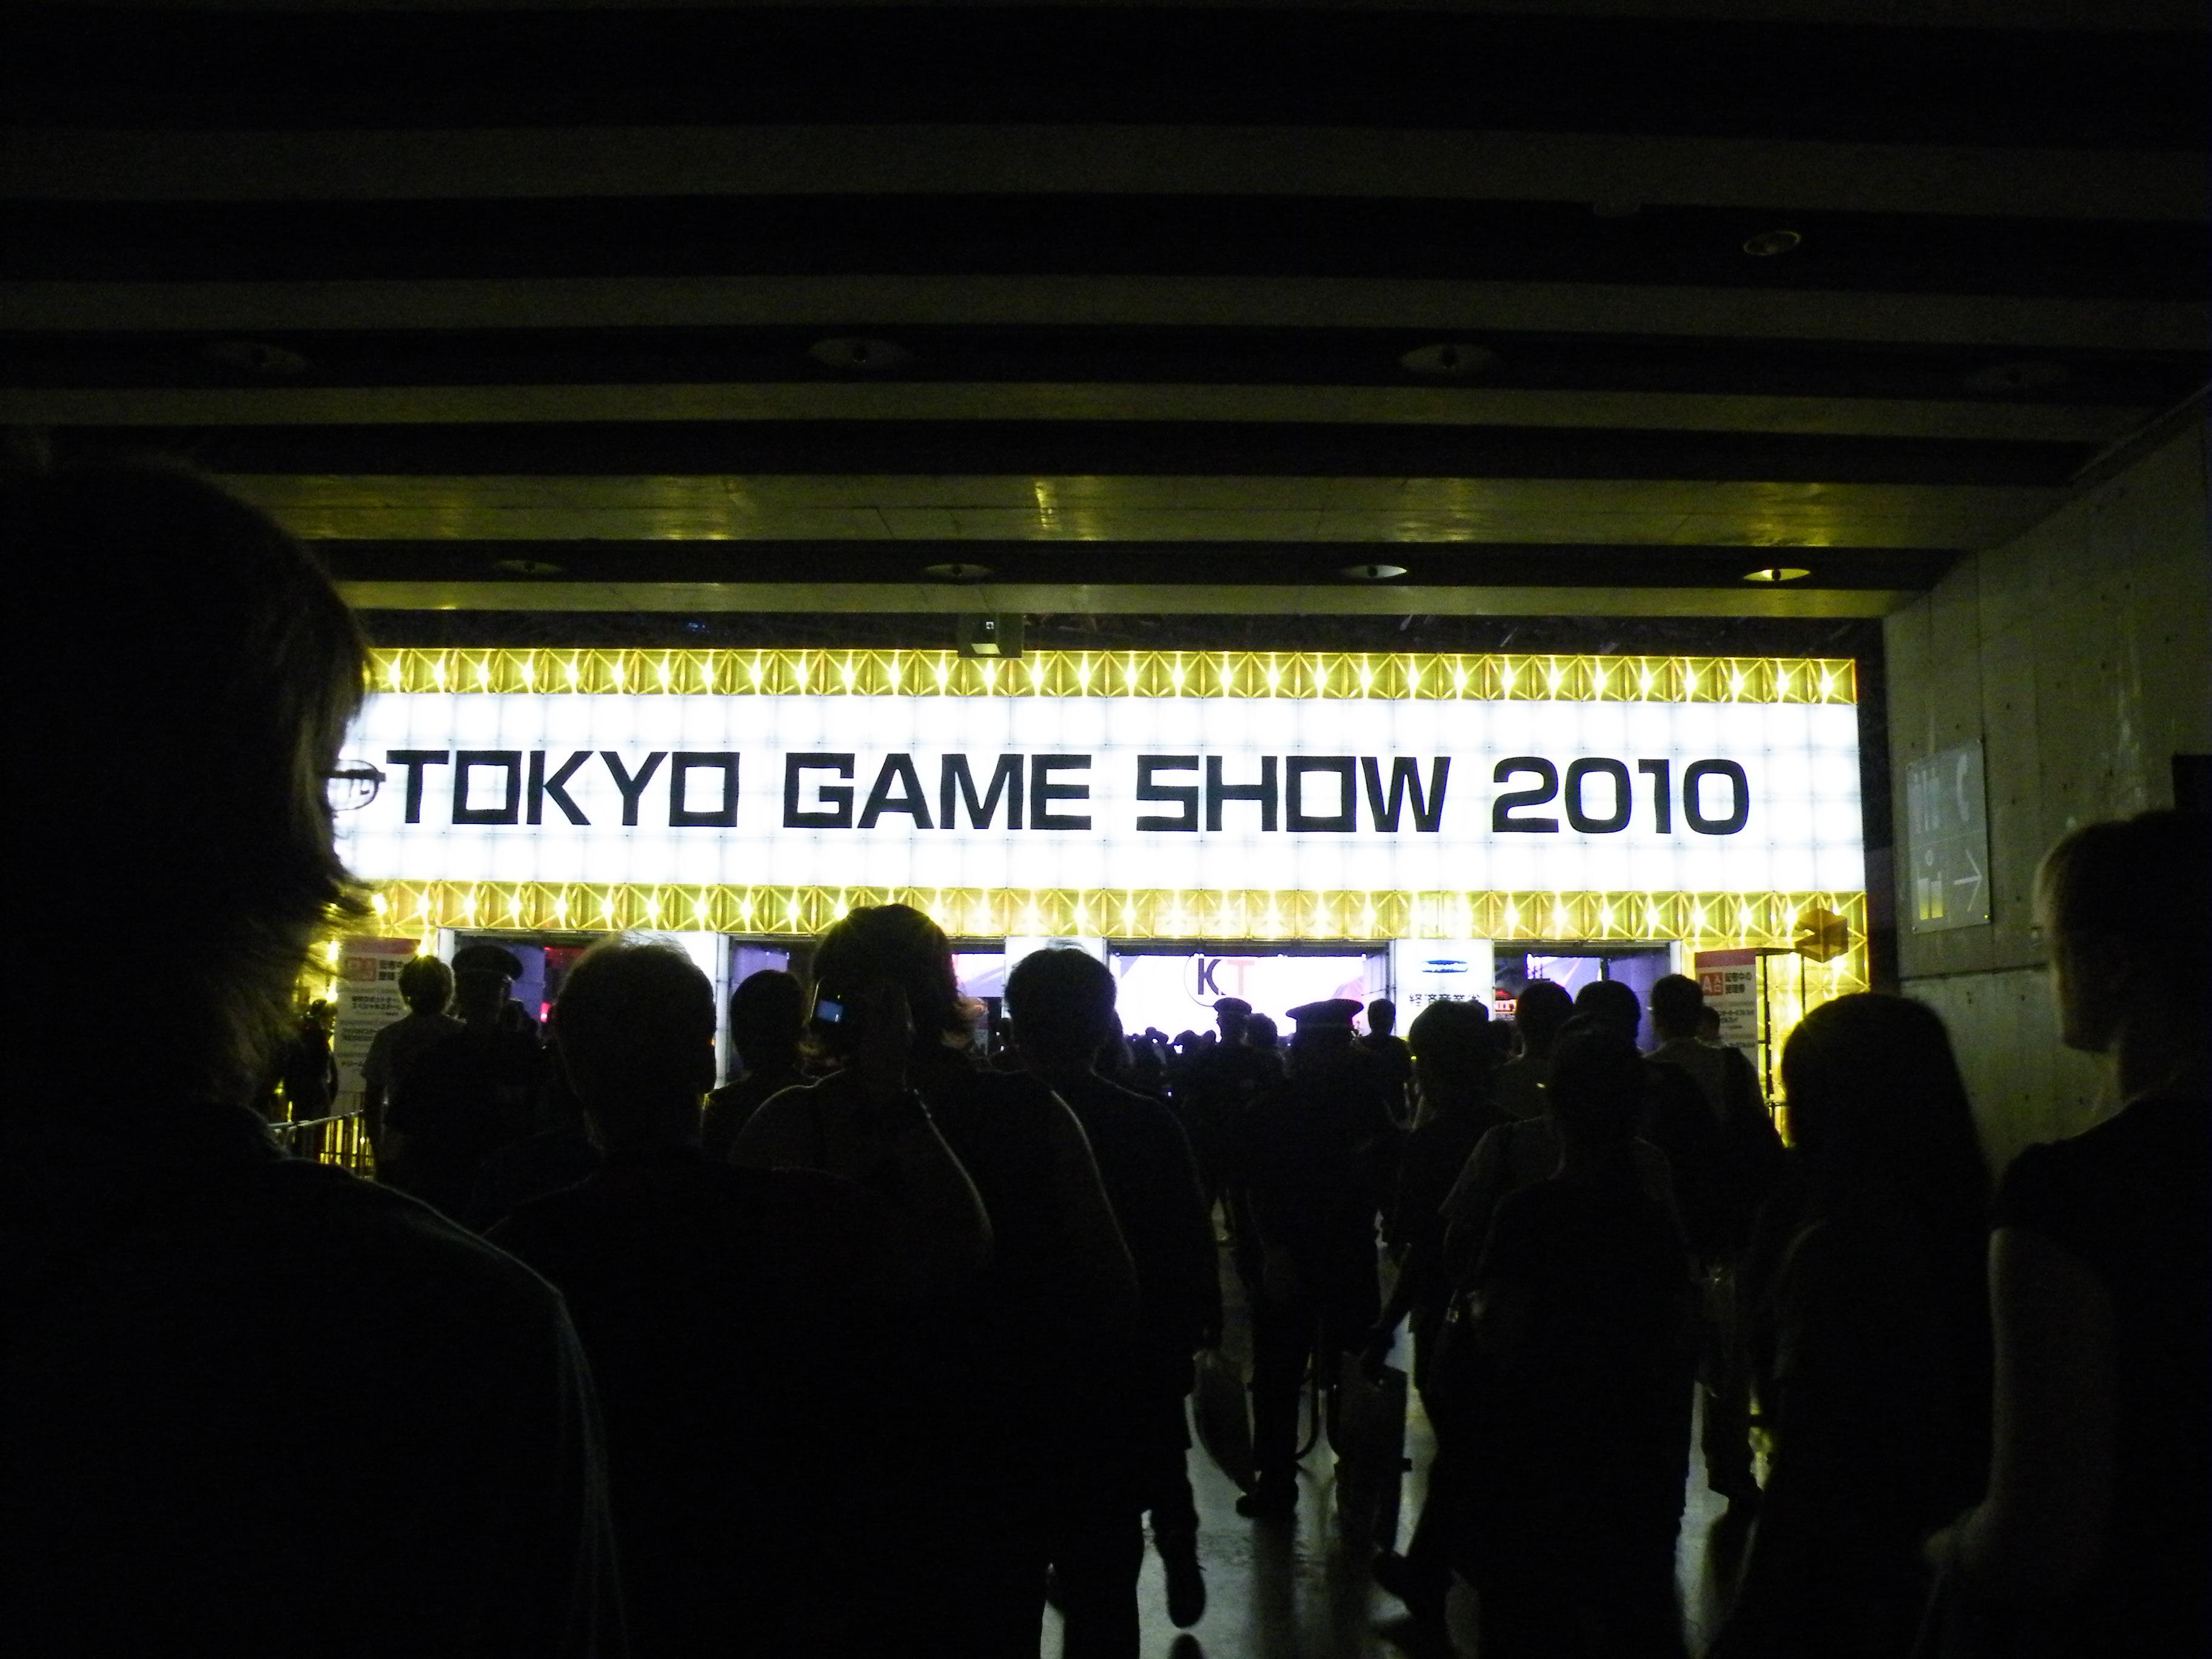 Tôkyô Game Show 2010